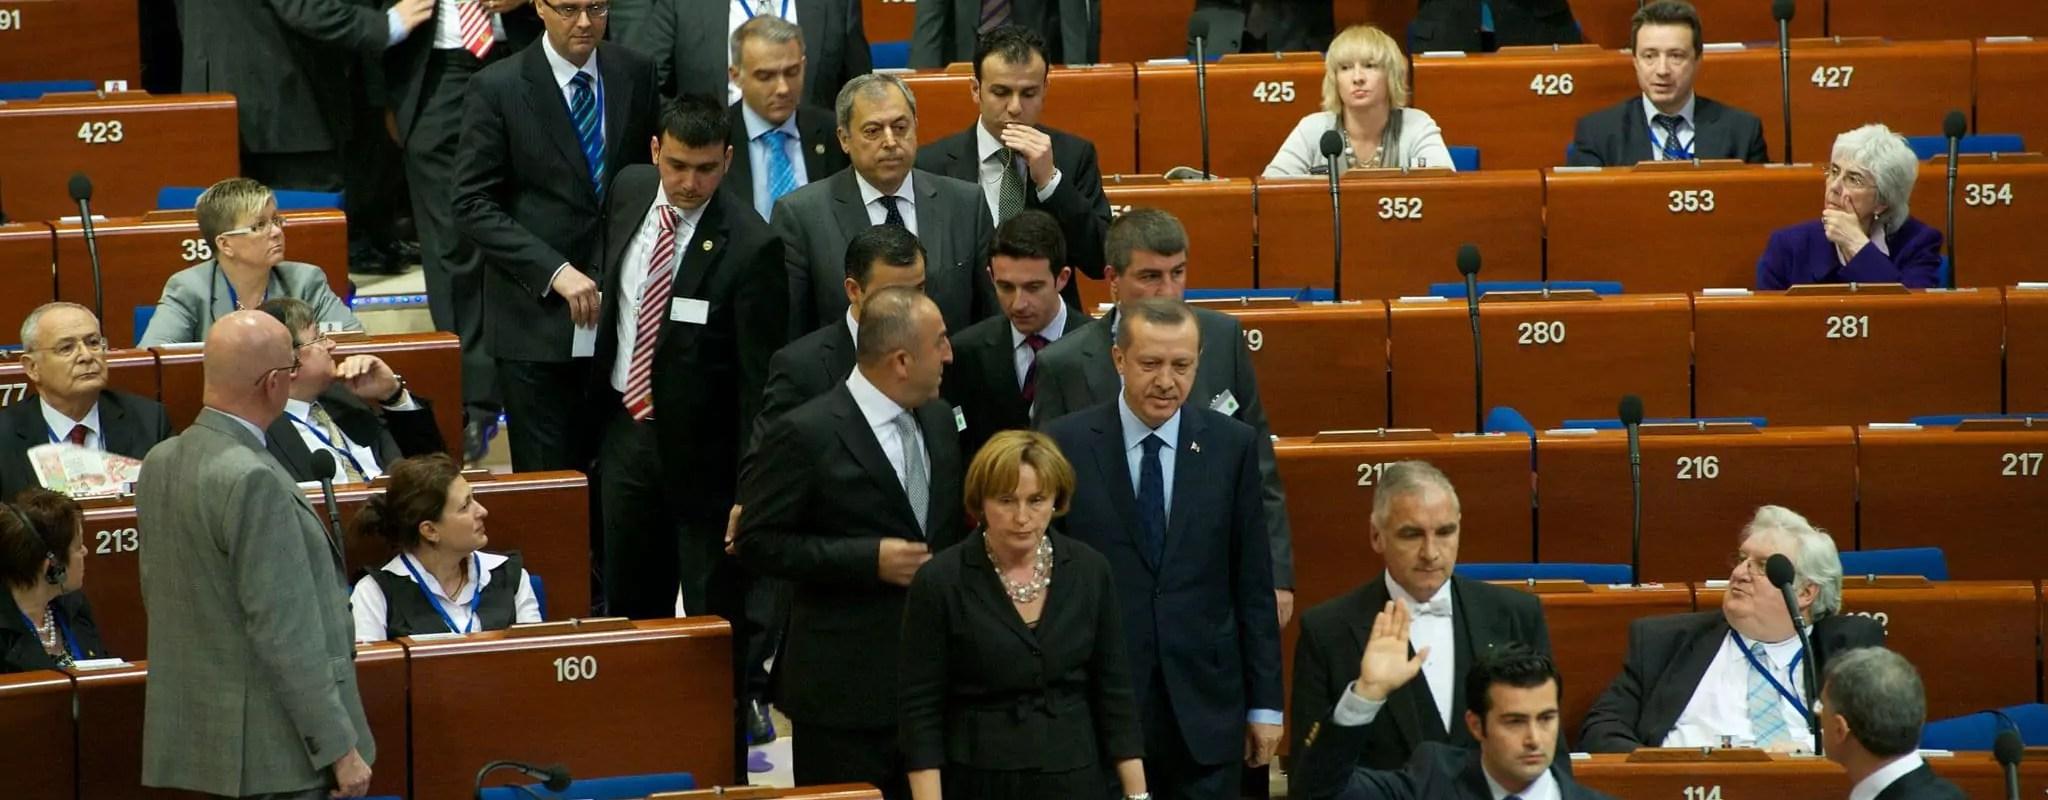 Comment Strasbourg est devenue la base avancée des conservateurs turcs